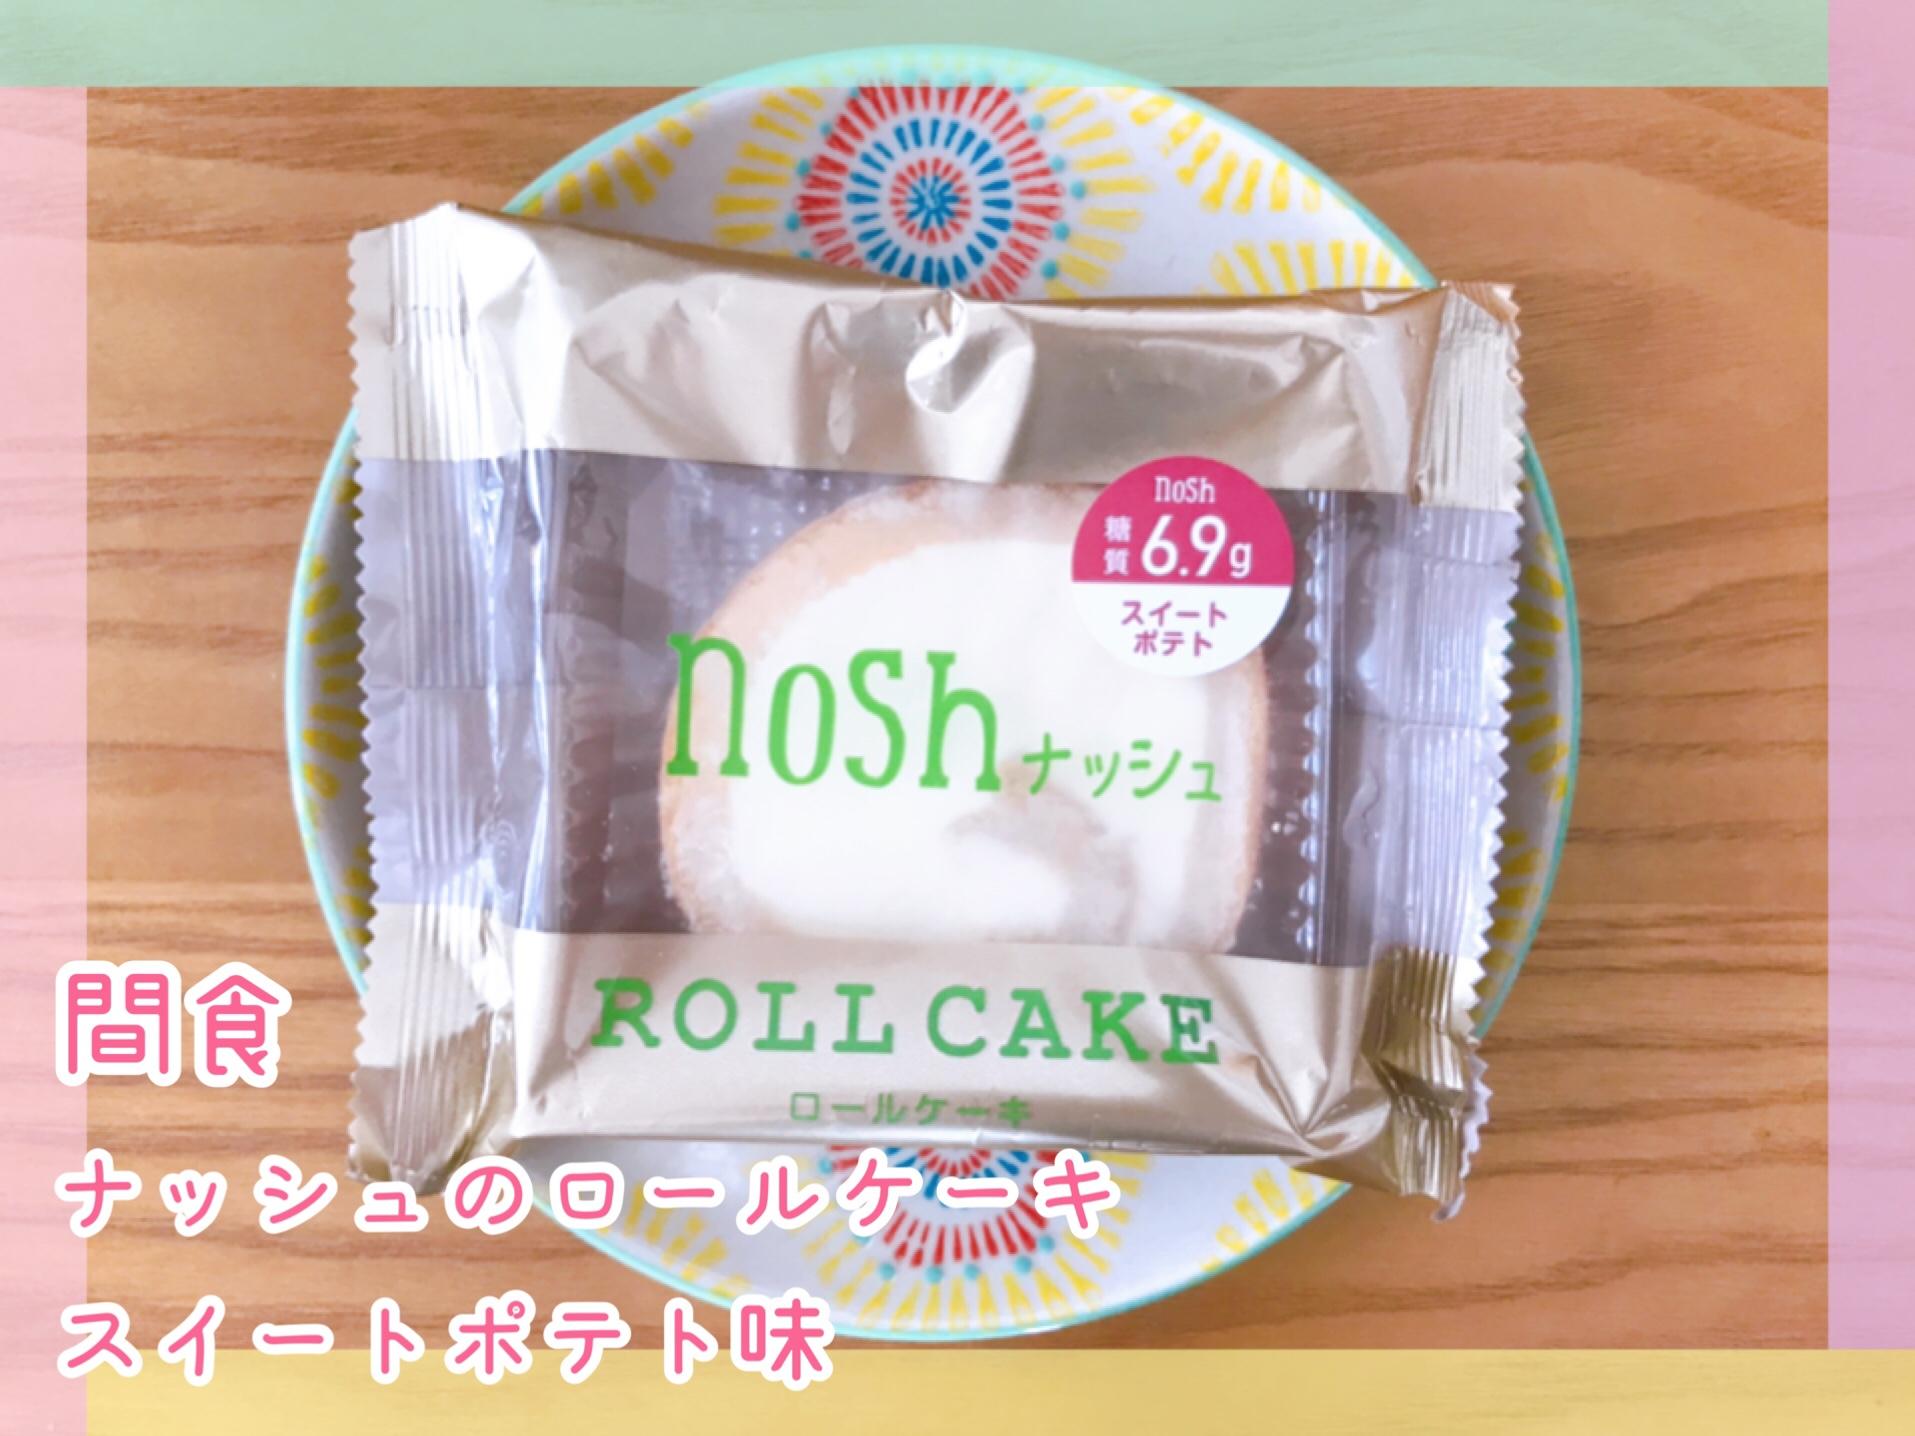 nosh(ナッシュ)ダイエット